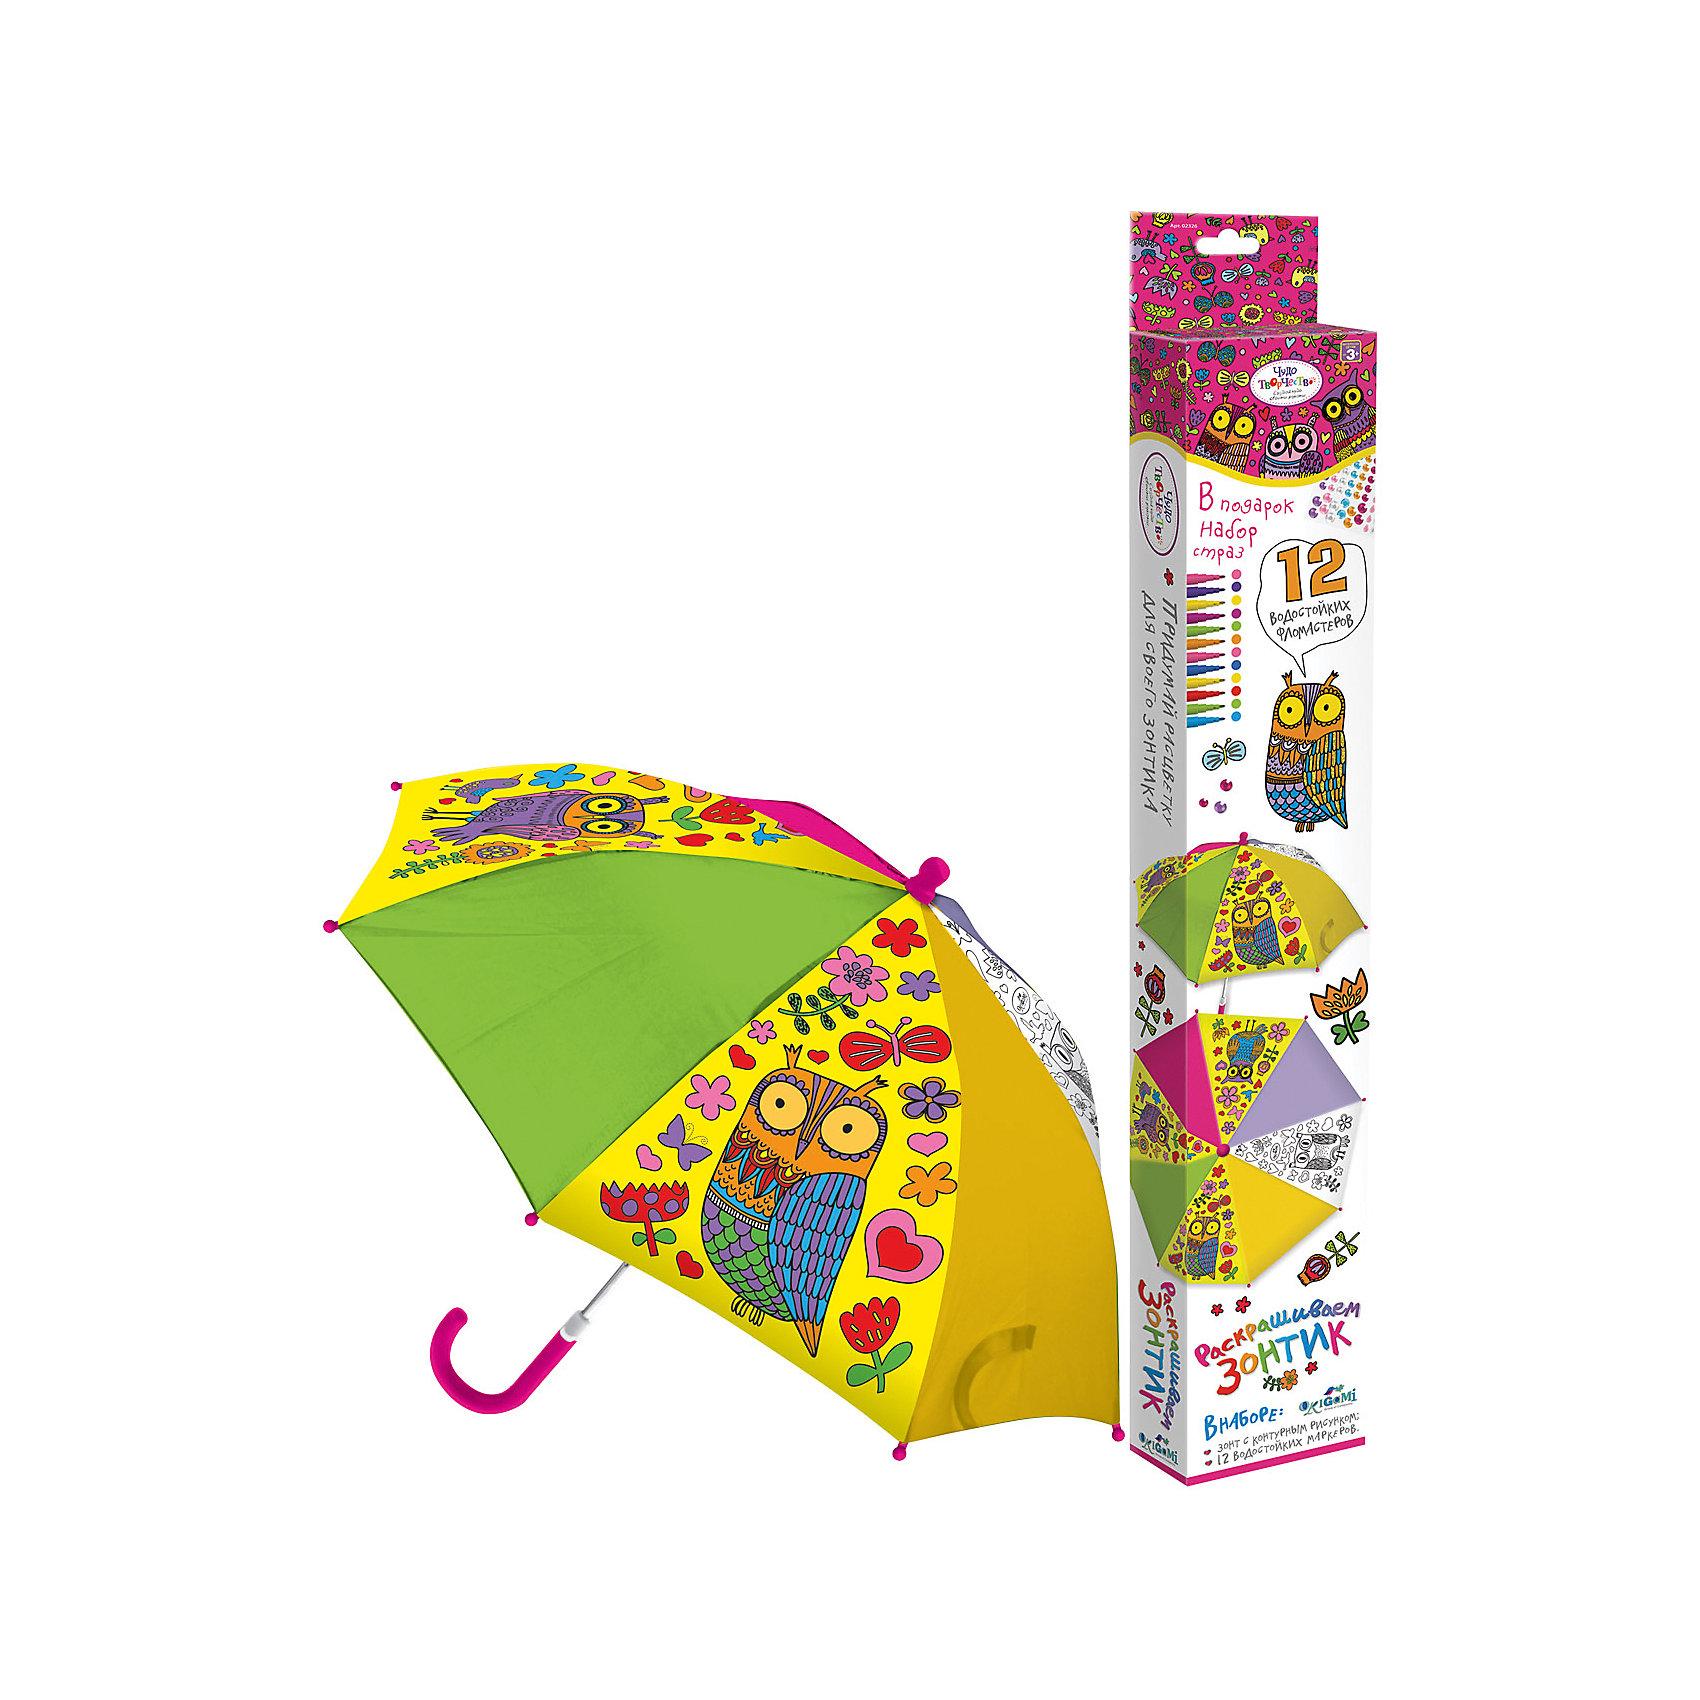 Зонтик для раскрашивания СовыЗонтик для раскрашивания  Совы от марки Origami<br><br>Отличный подарок для ребенка - зонтик с изображением веселых сов. Это яркий красивый аксессуар и платформа для творчества. Ребенок может сам раскрашивать изображения с помощью водостойких маркеров. В процессе развивается фантазия, улучшается мелкую моторику рук и координация движений.<br>Чтобы рисунок сохранялся долго и не растекался, ткань зонтика пропитана специальным составом. Нужно лишь подождать пару часов после раскрашивания - и зонтом можно пользоваться! Набор сделан из безопасных для ребенка материалов.<br><br>Особенности изделия:<br><br>диаметр - 67 см;<br>длина ручки - 56 см;<br>цвет - разноцветный;<br>механизм раскрытия  - не автоматический;<br>упаковка - картонная коробка;<br>вес - 314 гр;<br>размер упаковки - 65х10х5 см;<br>стойкие маркеры;<br>специальная пропитка ткани на зонте.<br><br>Комплектация: <br><br>зонт с контурным рисунком;<br>12 водостойких маркеров.<br><br>Зонтик для раскрашивания  Совы от марки Origami можно купить в нашем магазине.<br><br>Ширина мм: 50<br>Глубина мм: 650<br>Высота мм: 100<br>Вес г: 314<br>Возраст от месяцев: 48<br>Возраст до месяцев: 144<br>Пол: Унисекс<br>Возраст: Детский<br>SKU: 4658541